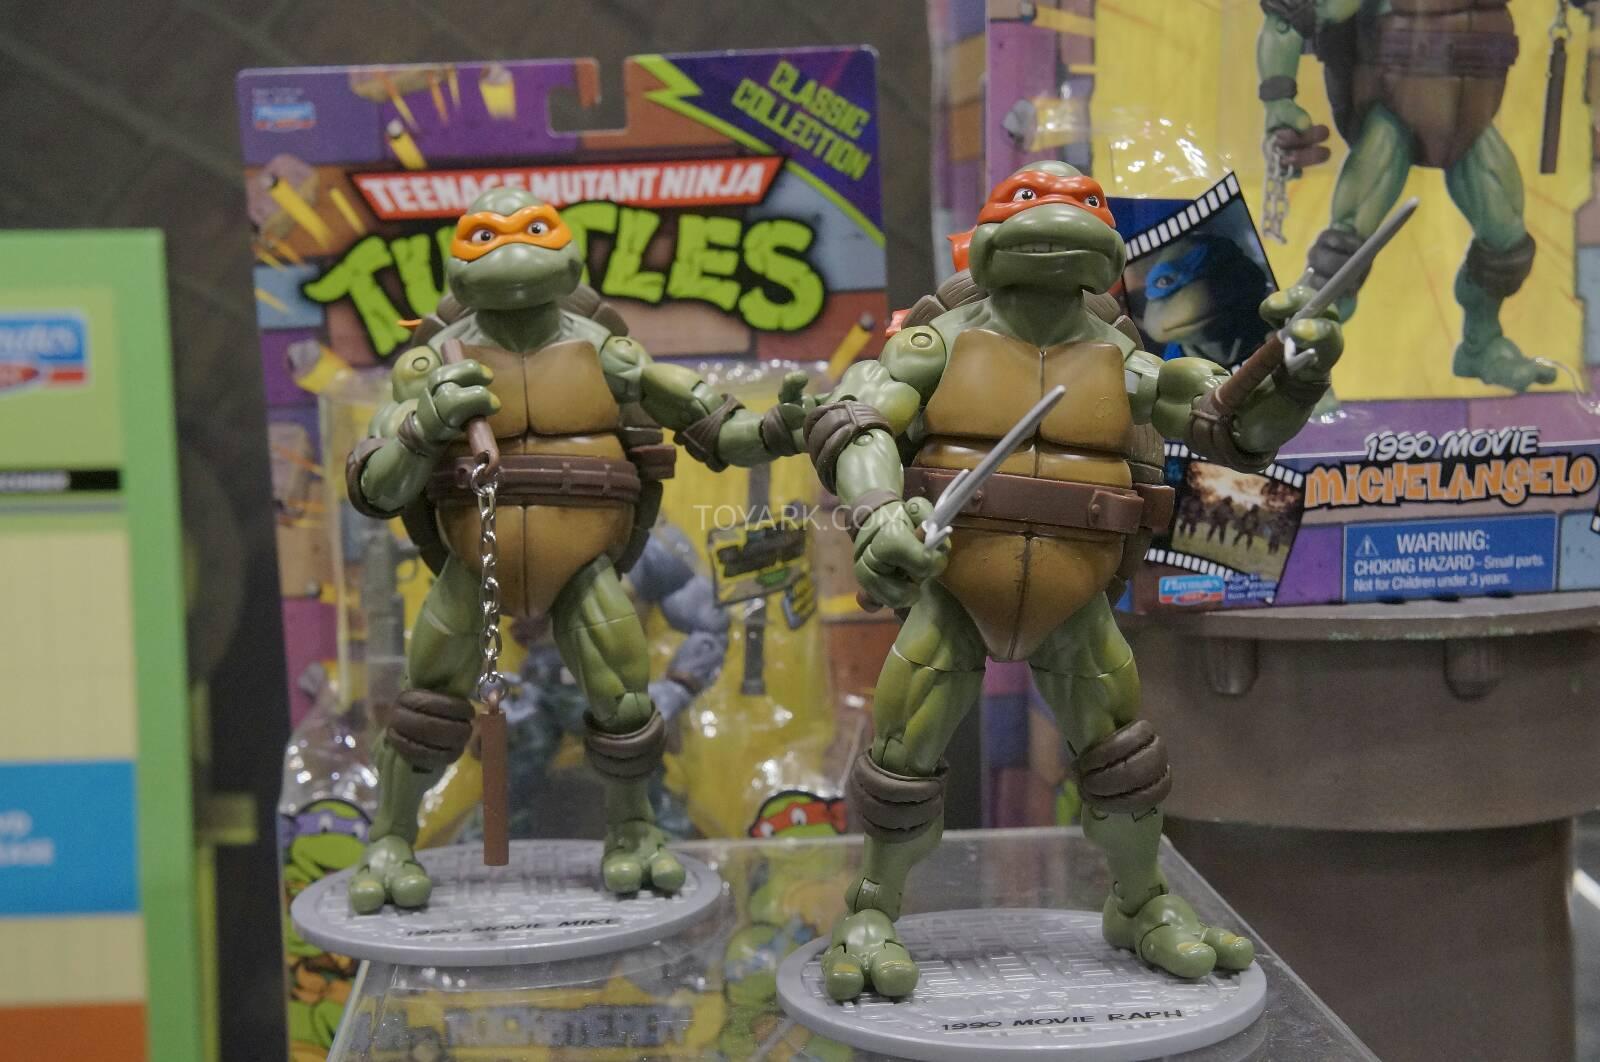 Teenage Mutant Ninja Turtles Toy-Fair-2014-Playmates-TMNT-1990-Movie-Classics-037